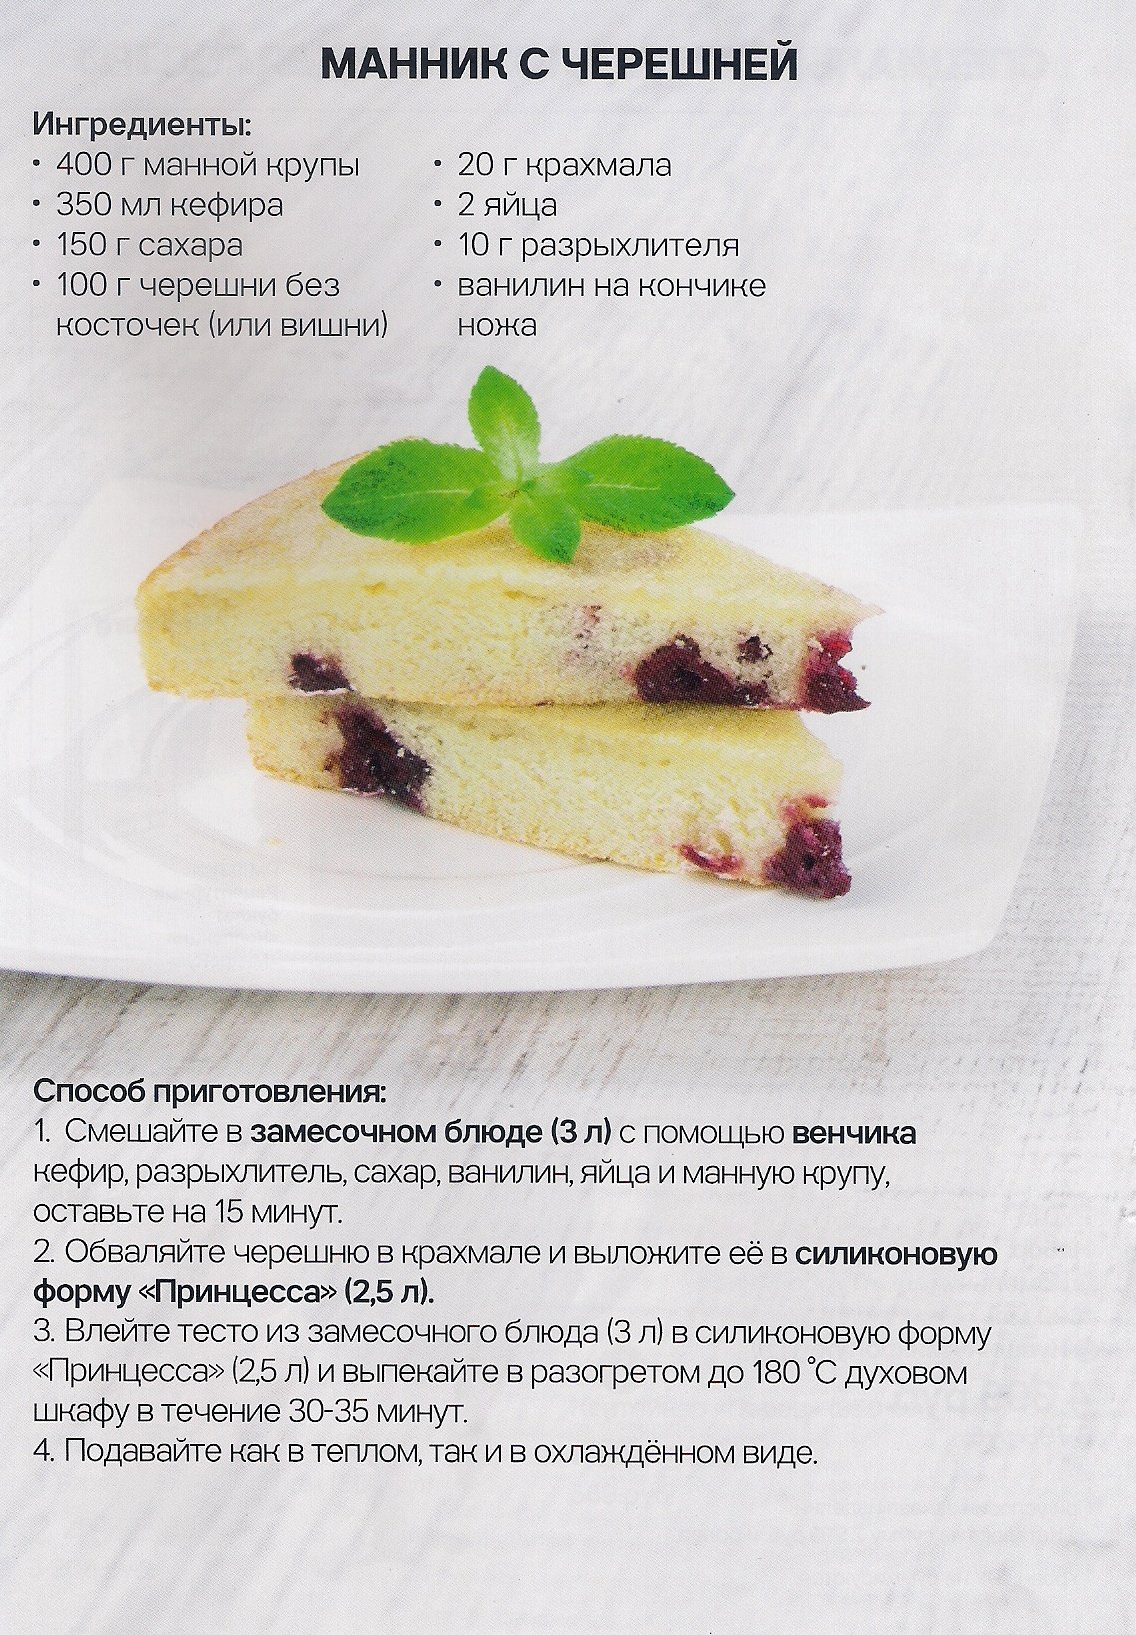 https://tupperware-online.ru/images/upload/s8.jpg